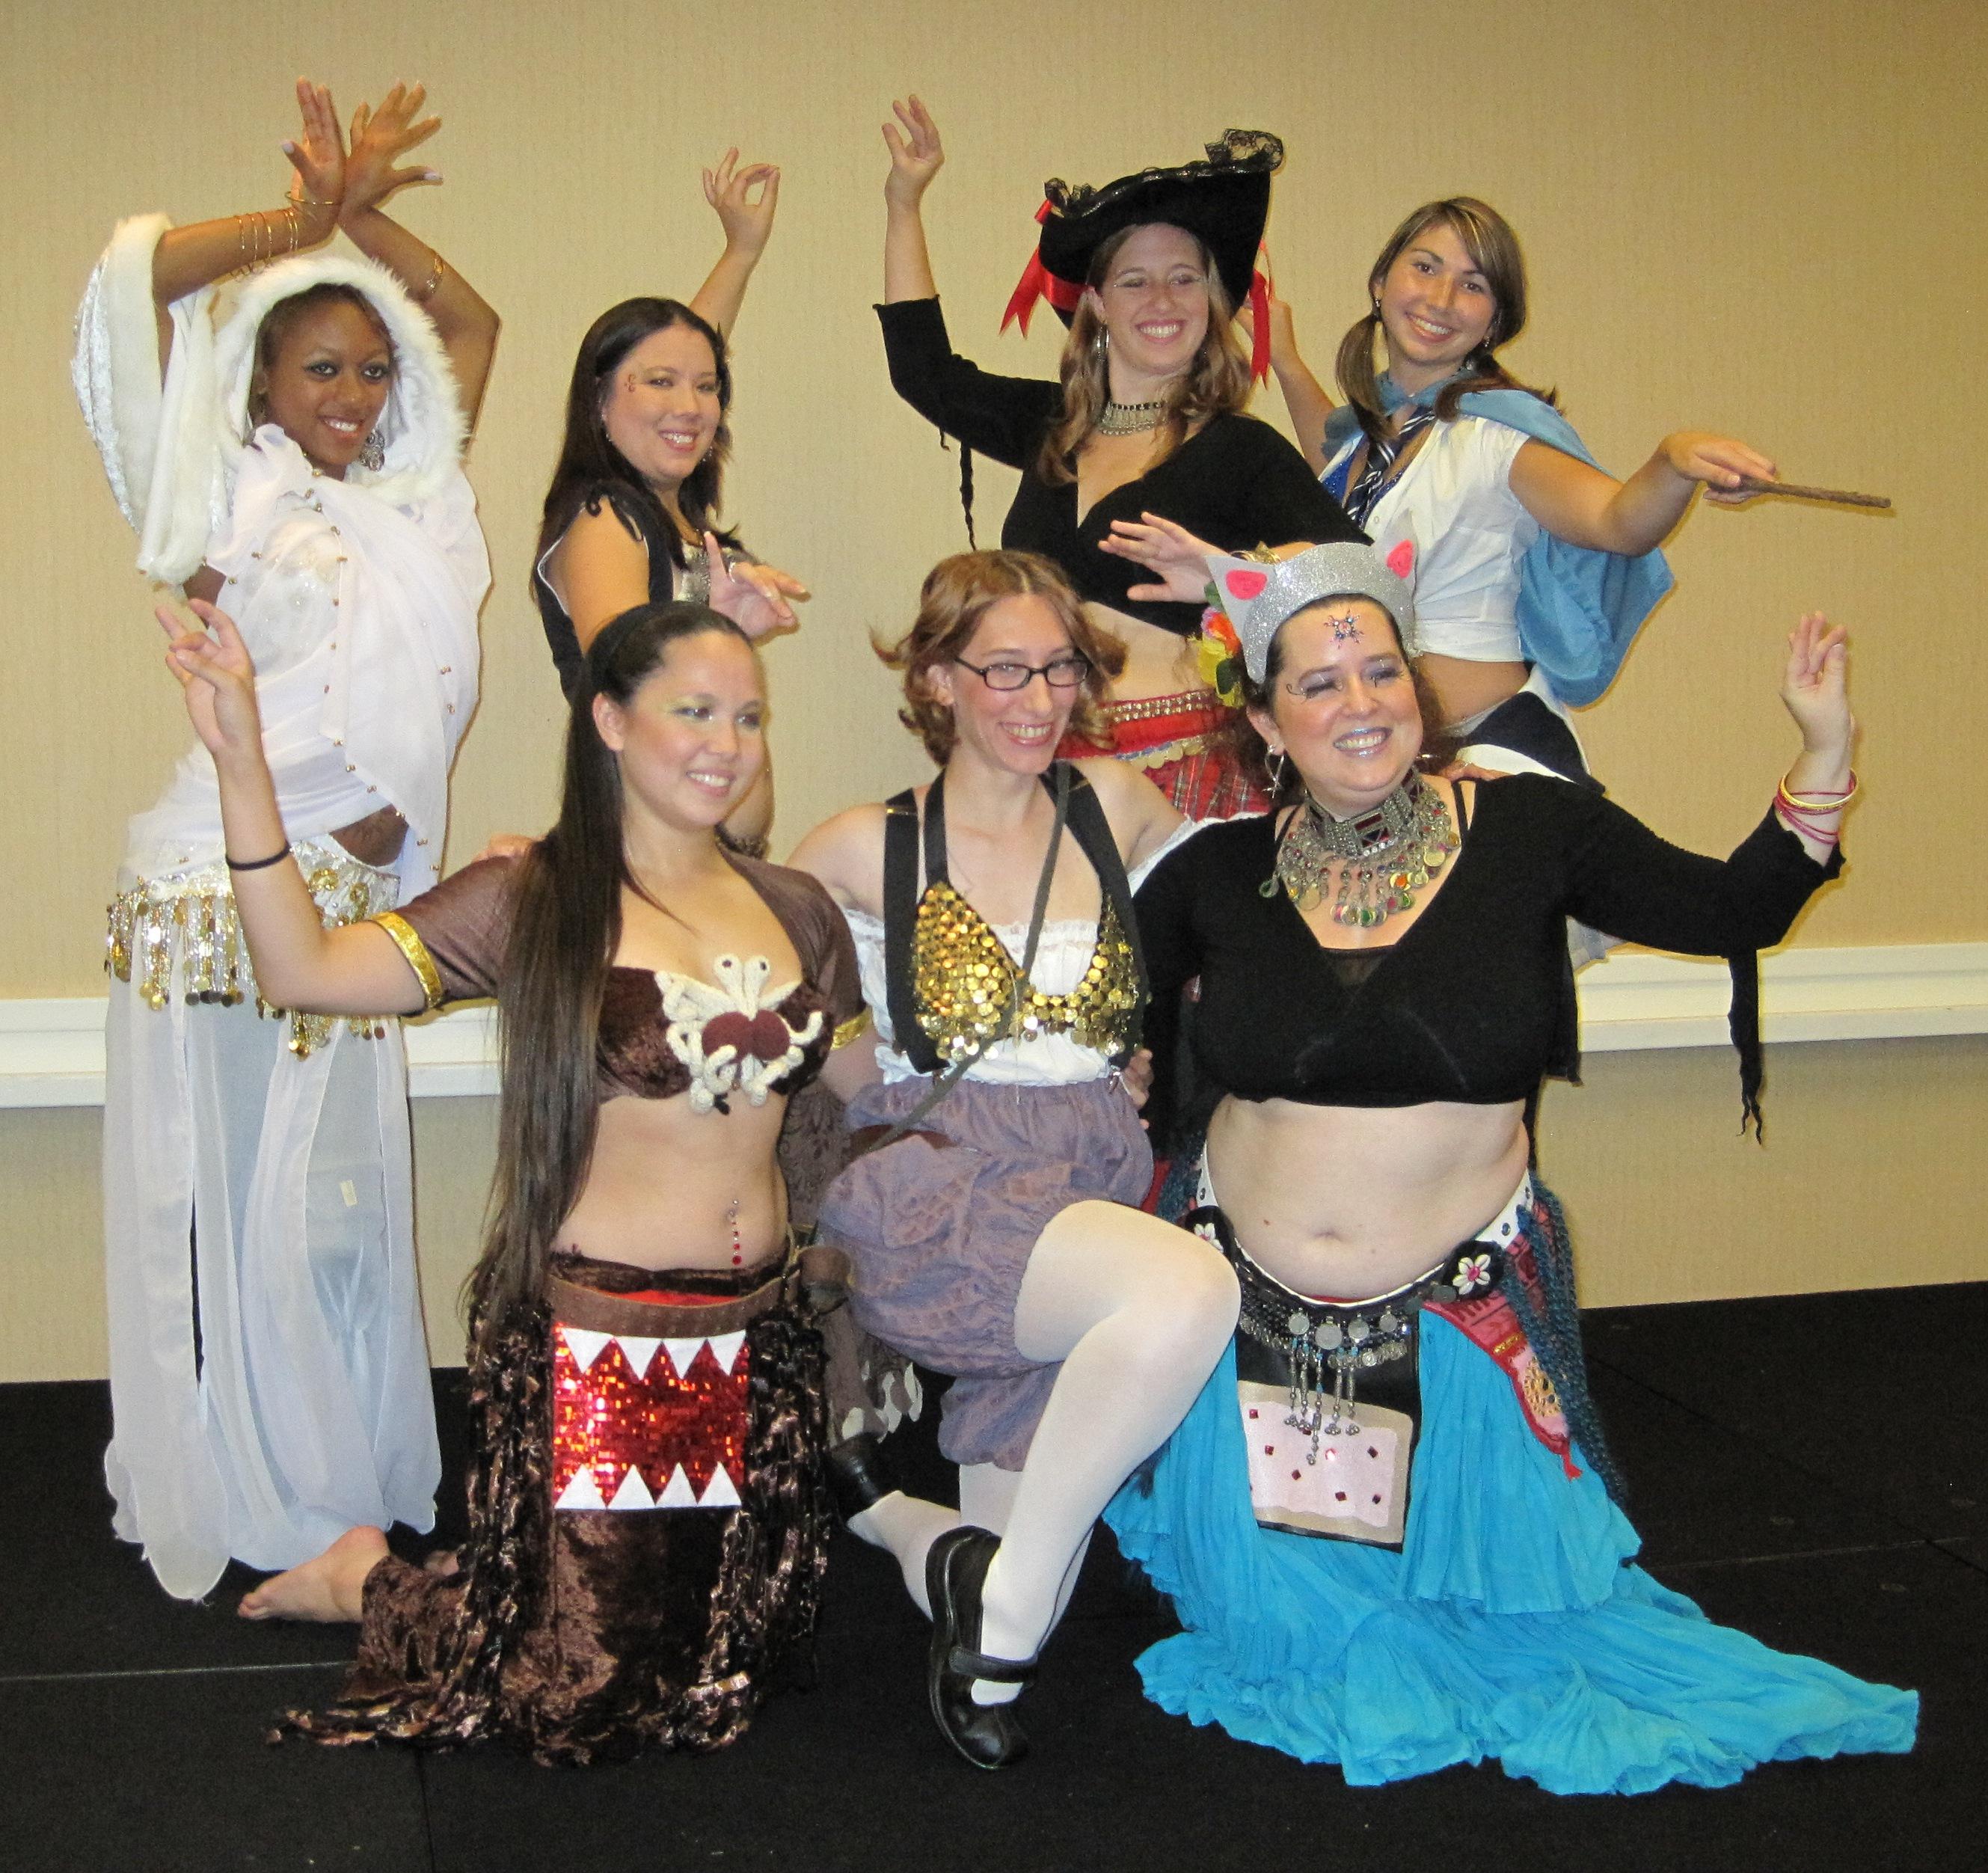 Domo Ayla 8 Bit Belly Dancer Intervention 2011 Dancers Costume